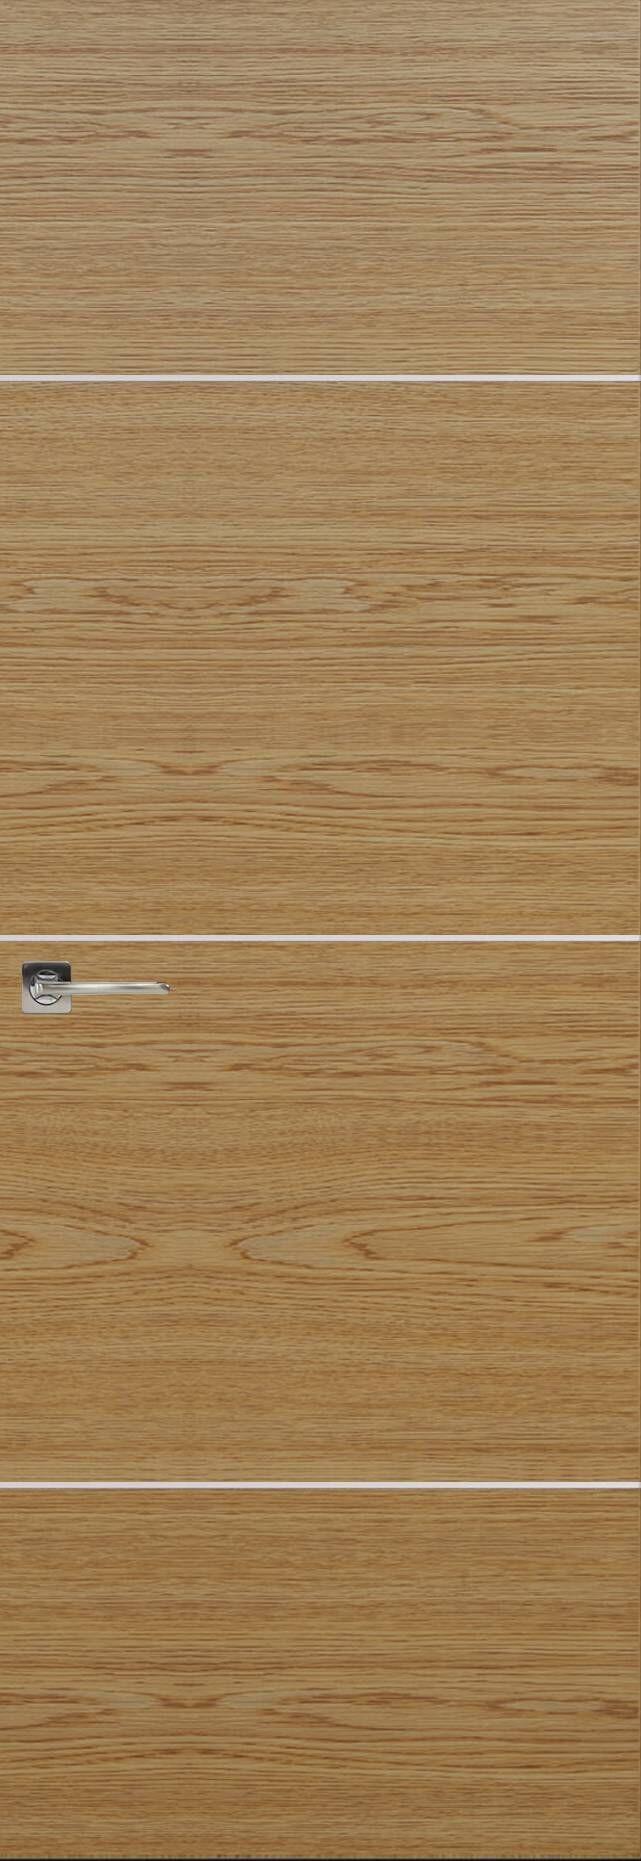 Tivoli Г-3 Invisible цвет - Дуб карамель Без стекла (ДГ)